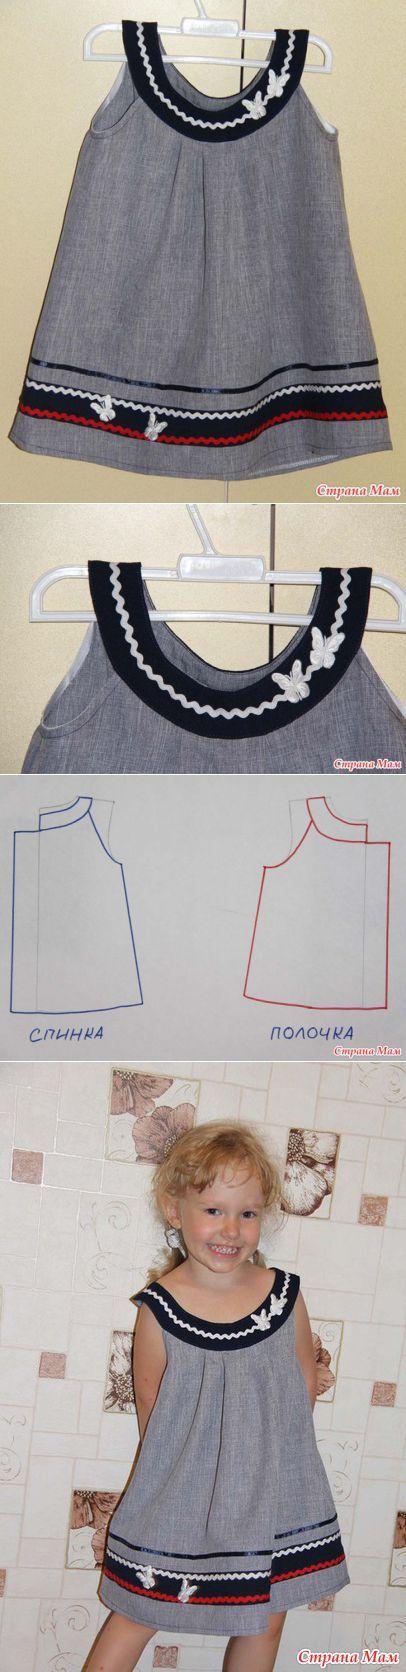 robe d'été ... Un autre pour la route - Les modèles de vêtements pour enfants - maman Pays